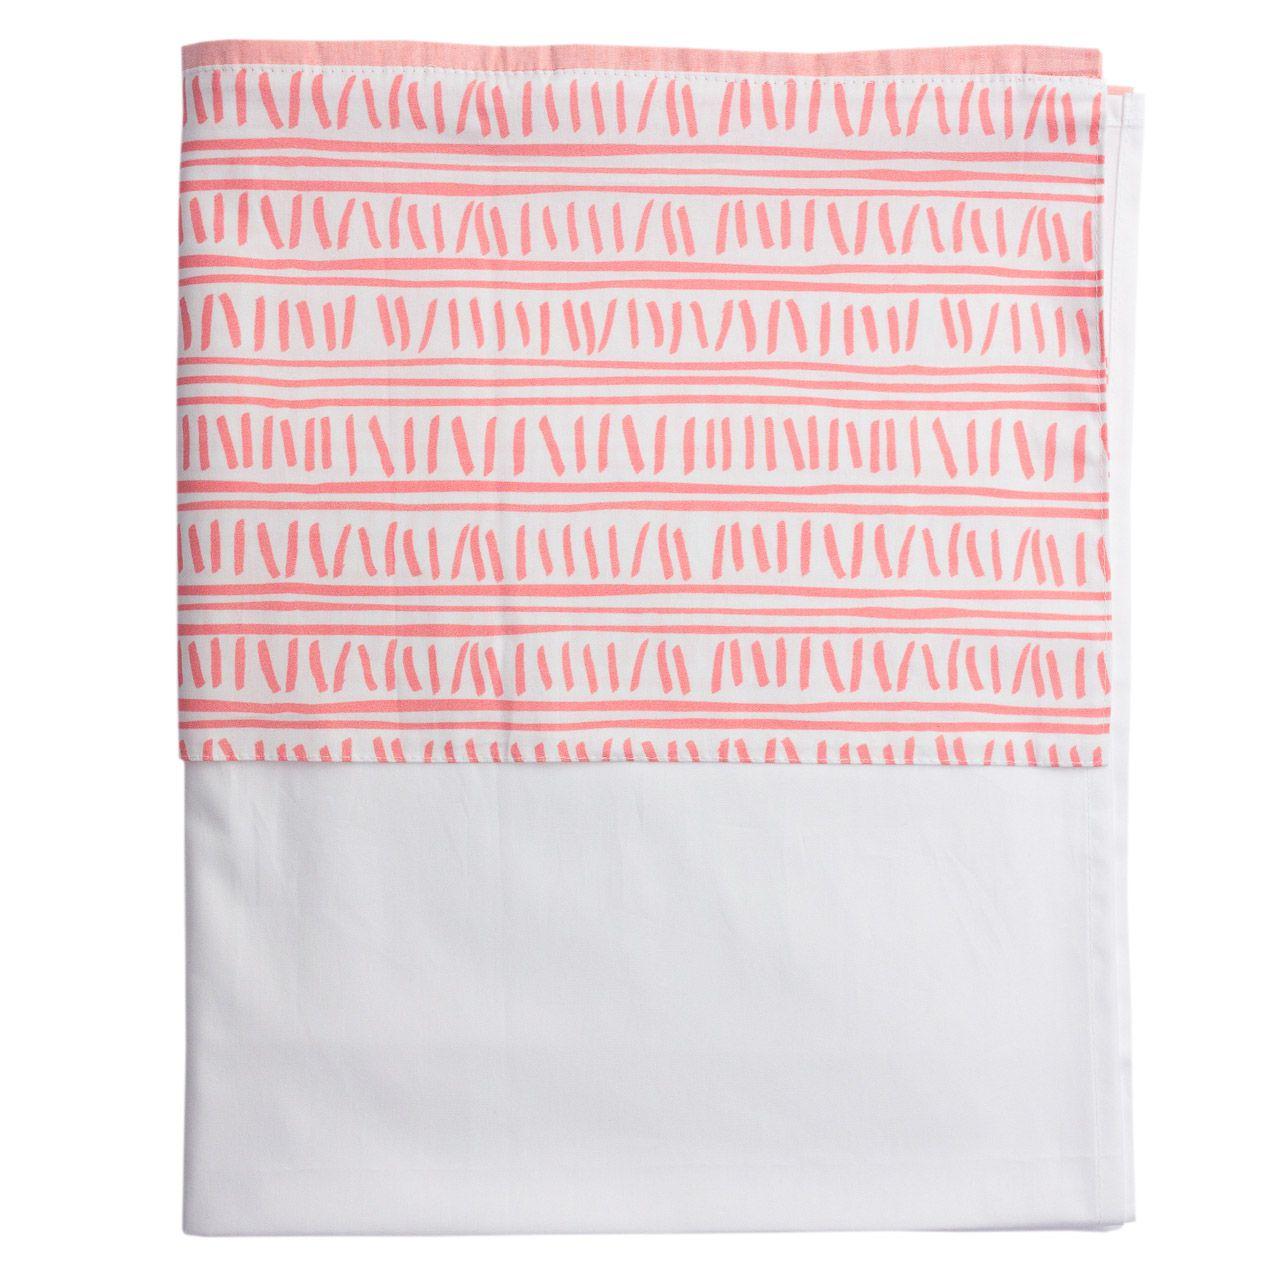 Lençol branco com vira trilha rosa